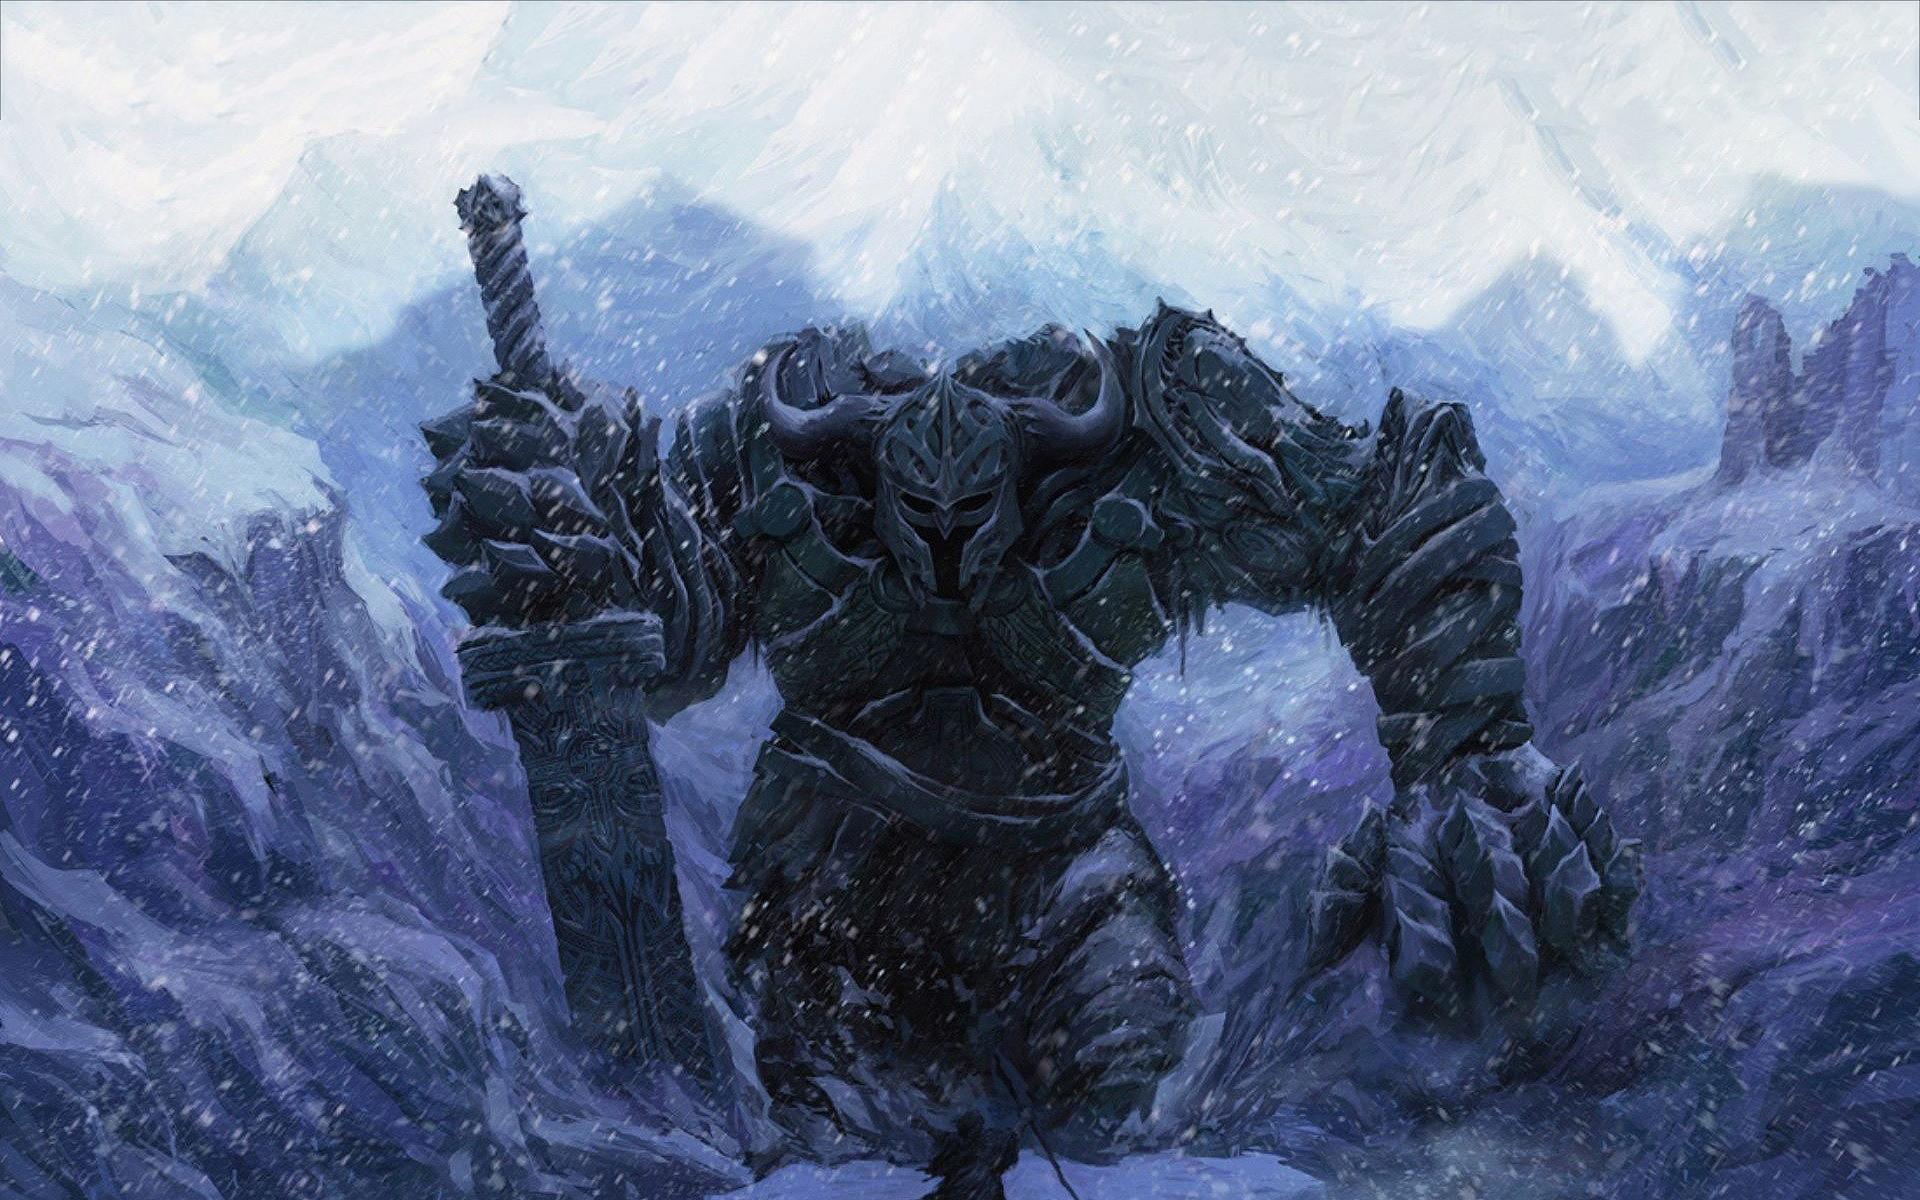 Huge fantasy warrior